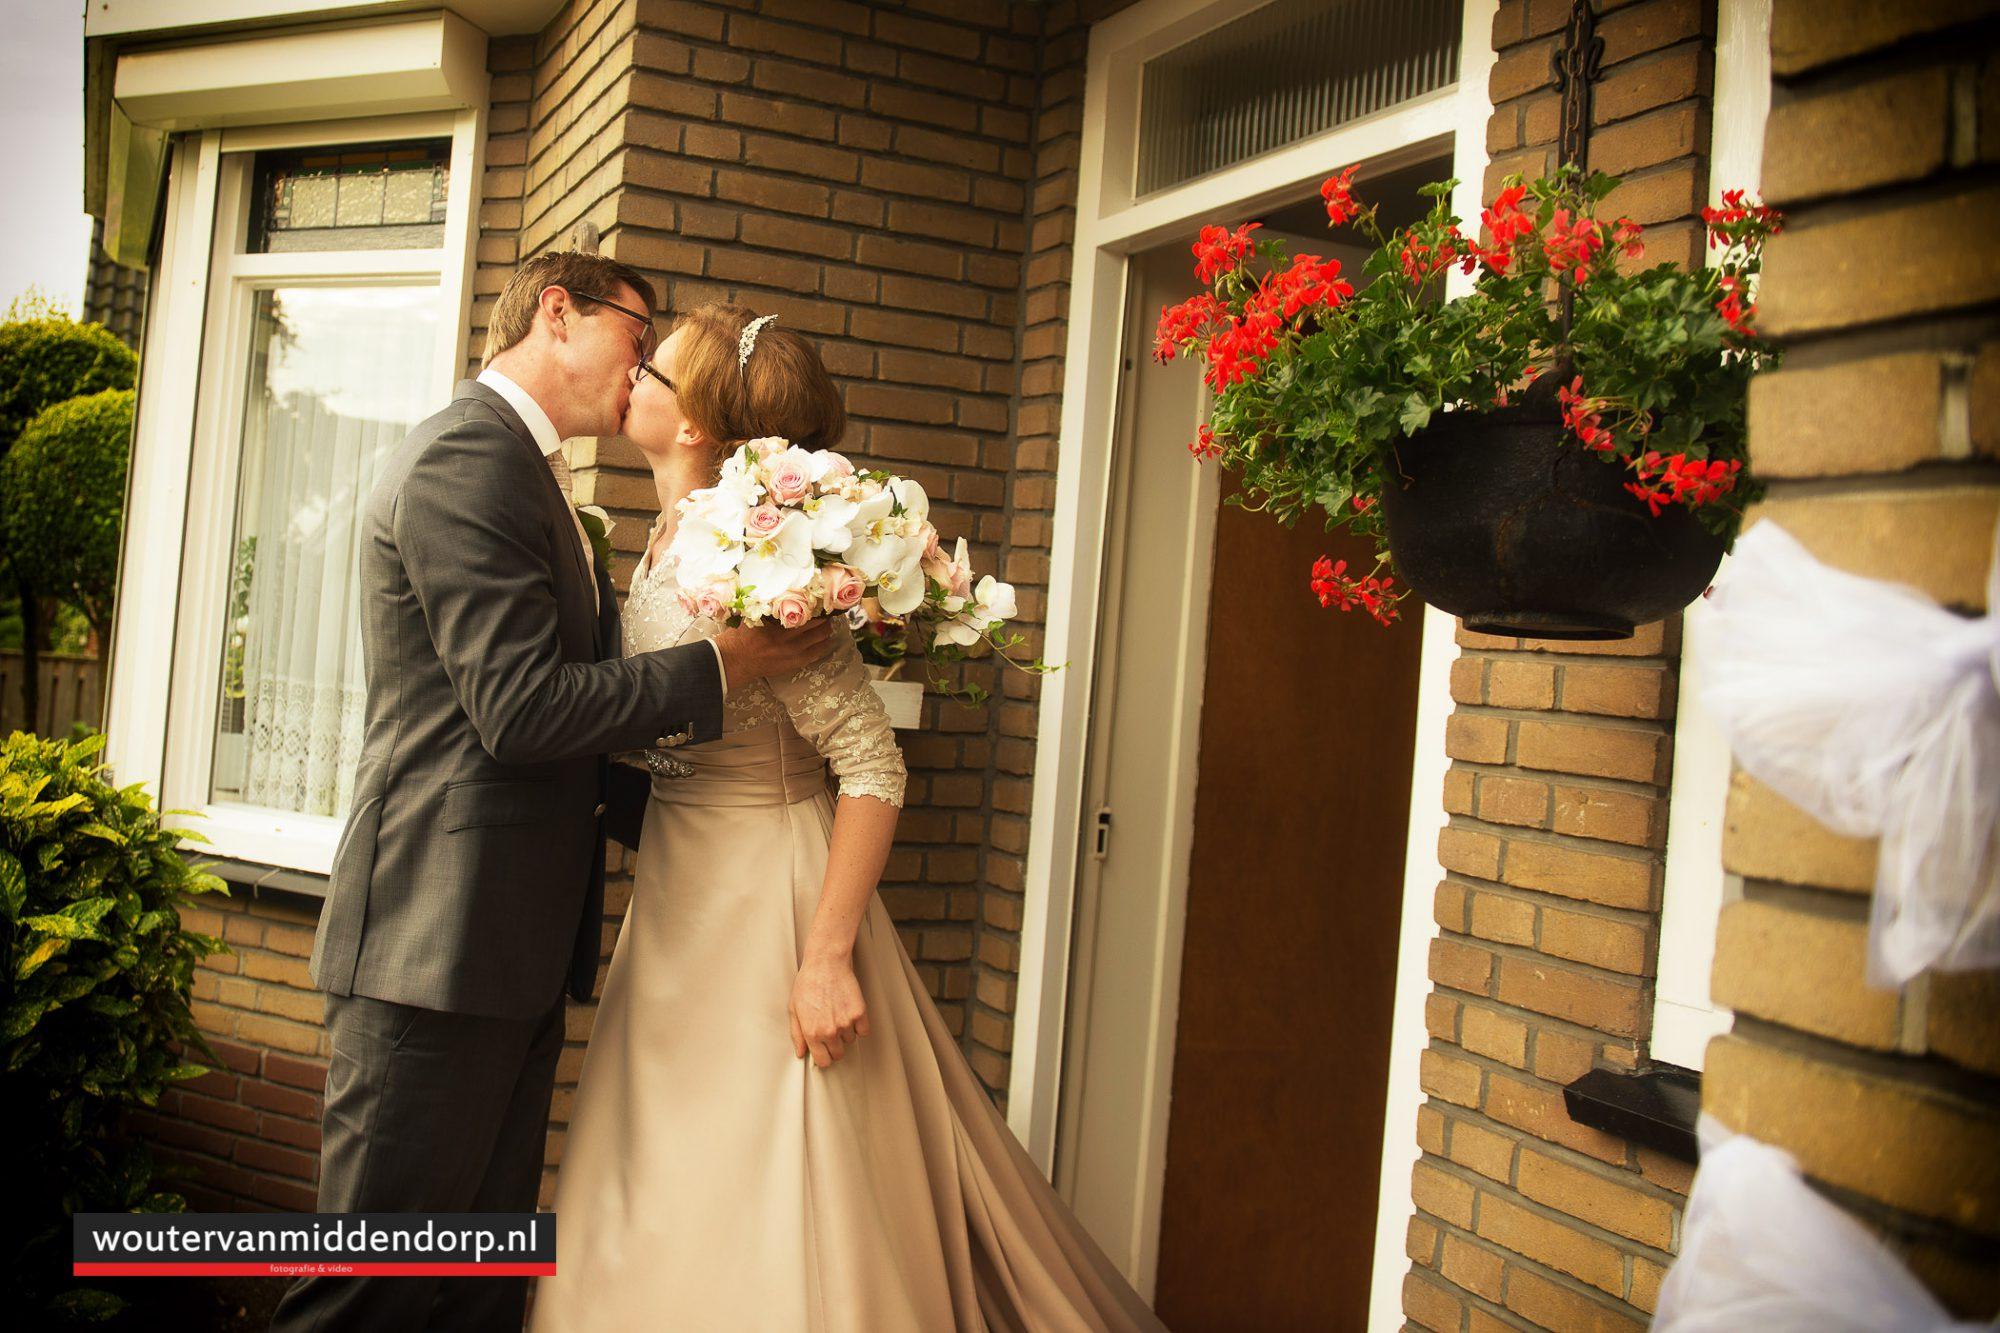 bruidsfotografie-wouter-van-middendorp-veenendaal-uddel-13